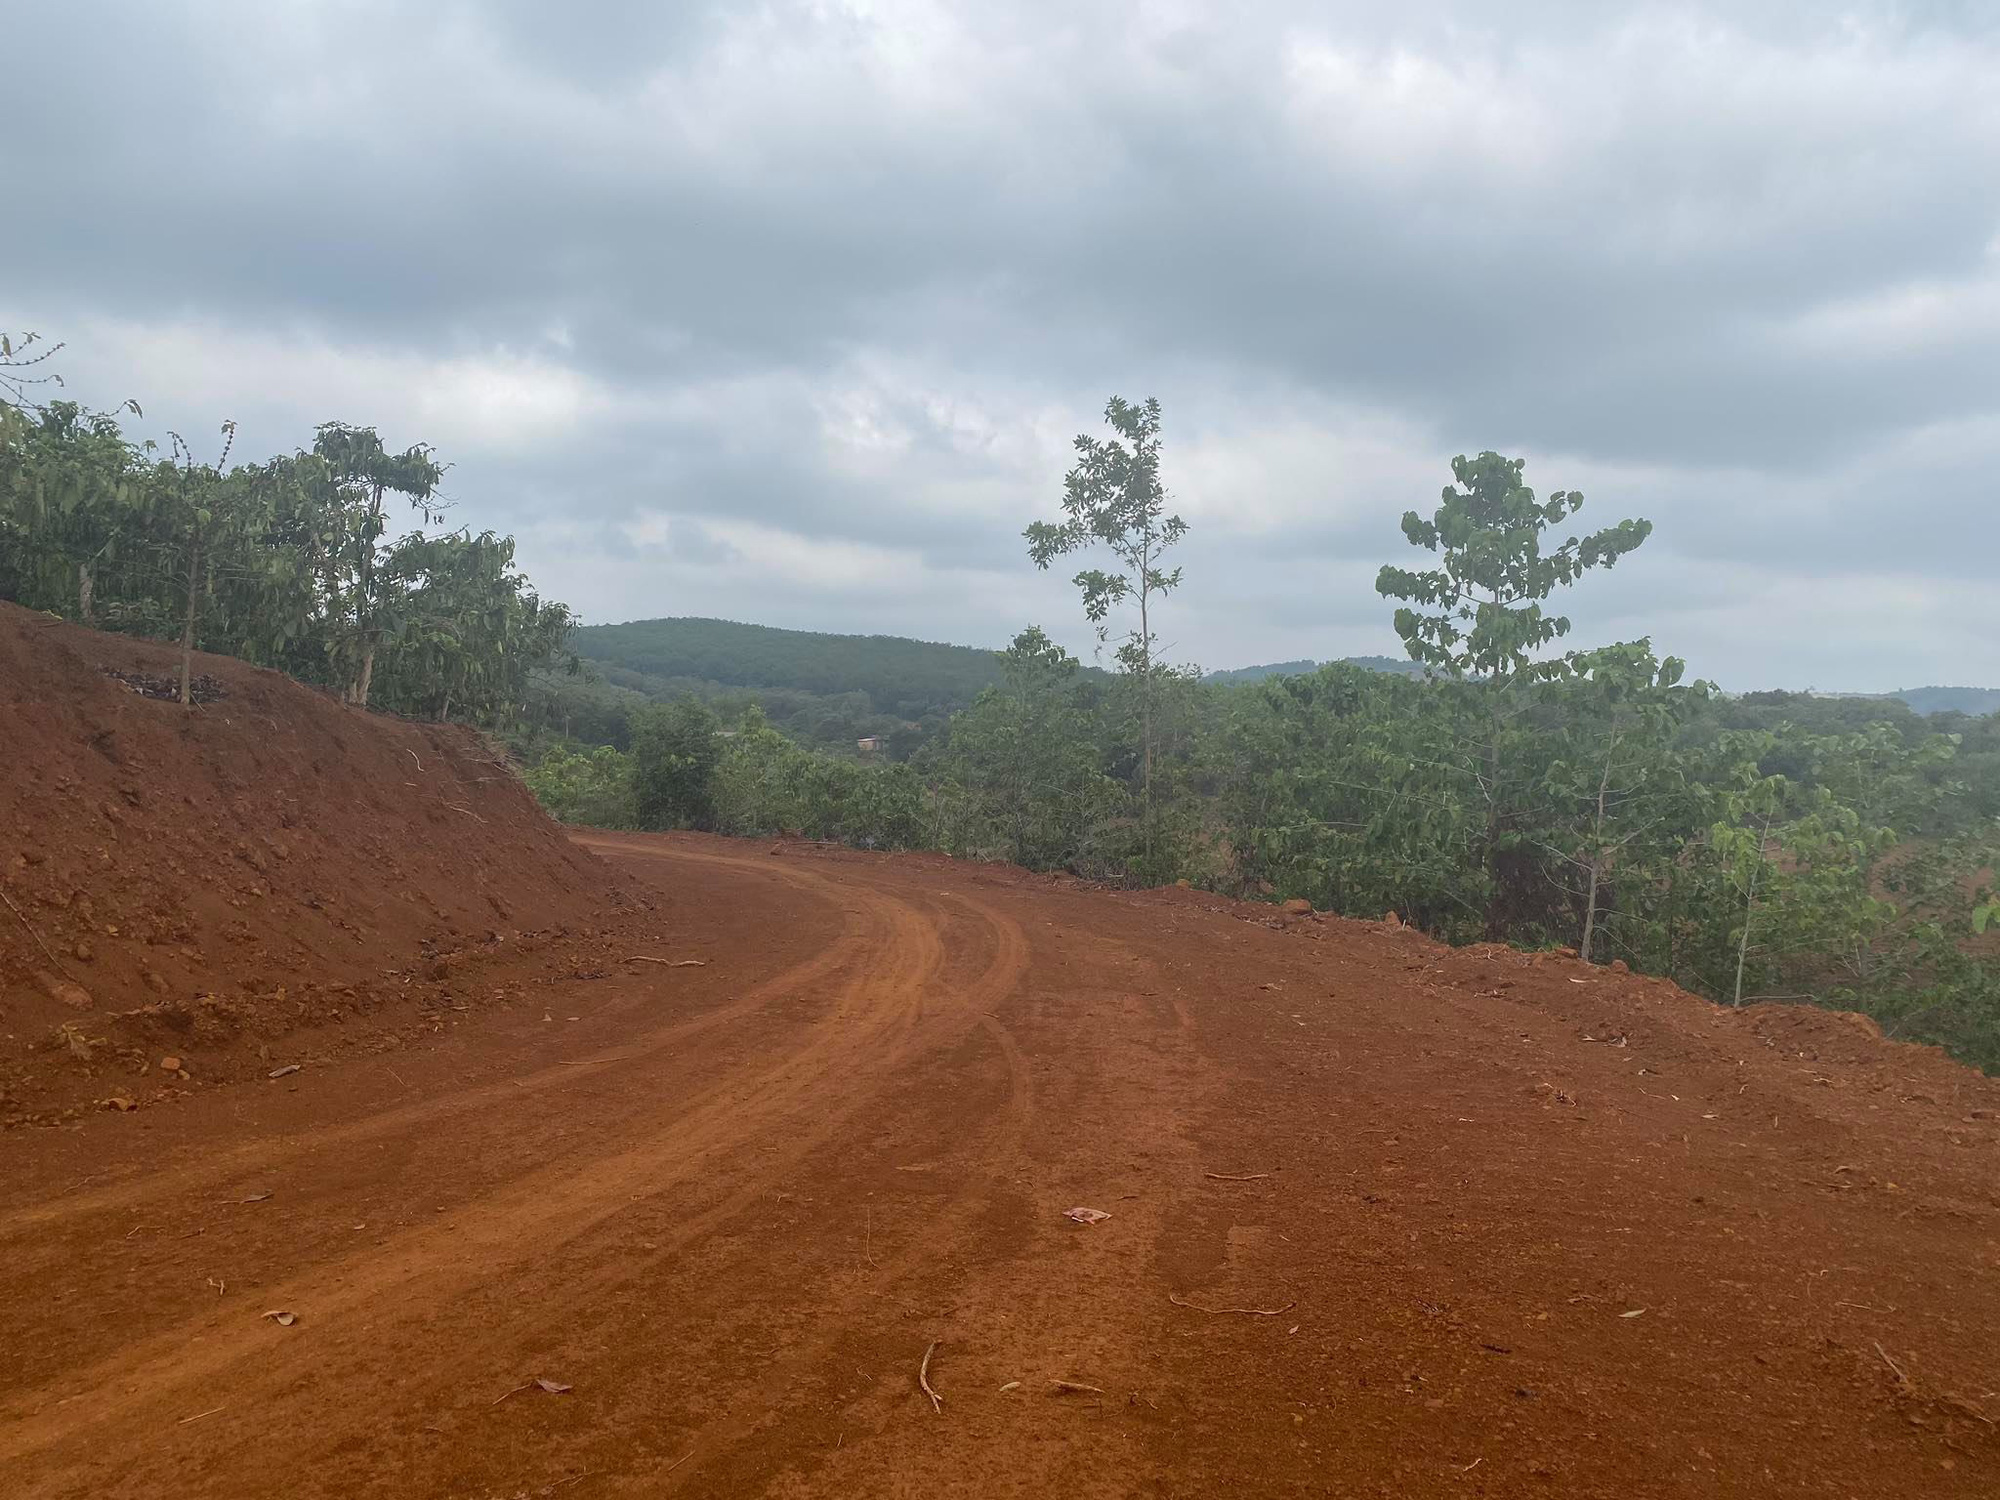 Đắk Nông: Ngang nhiên mở đường, hủy hoại rừng phòng hộ bán ngập ngay Thành phố Gia Nghĩa - Ảnh 2.